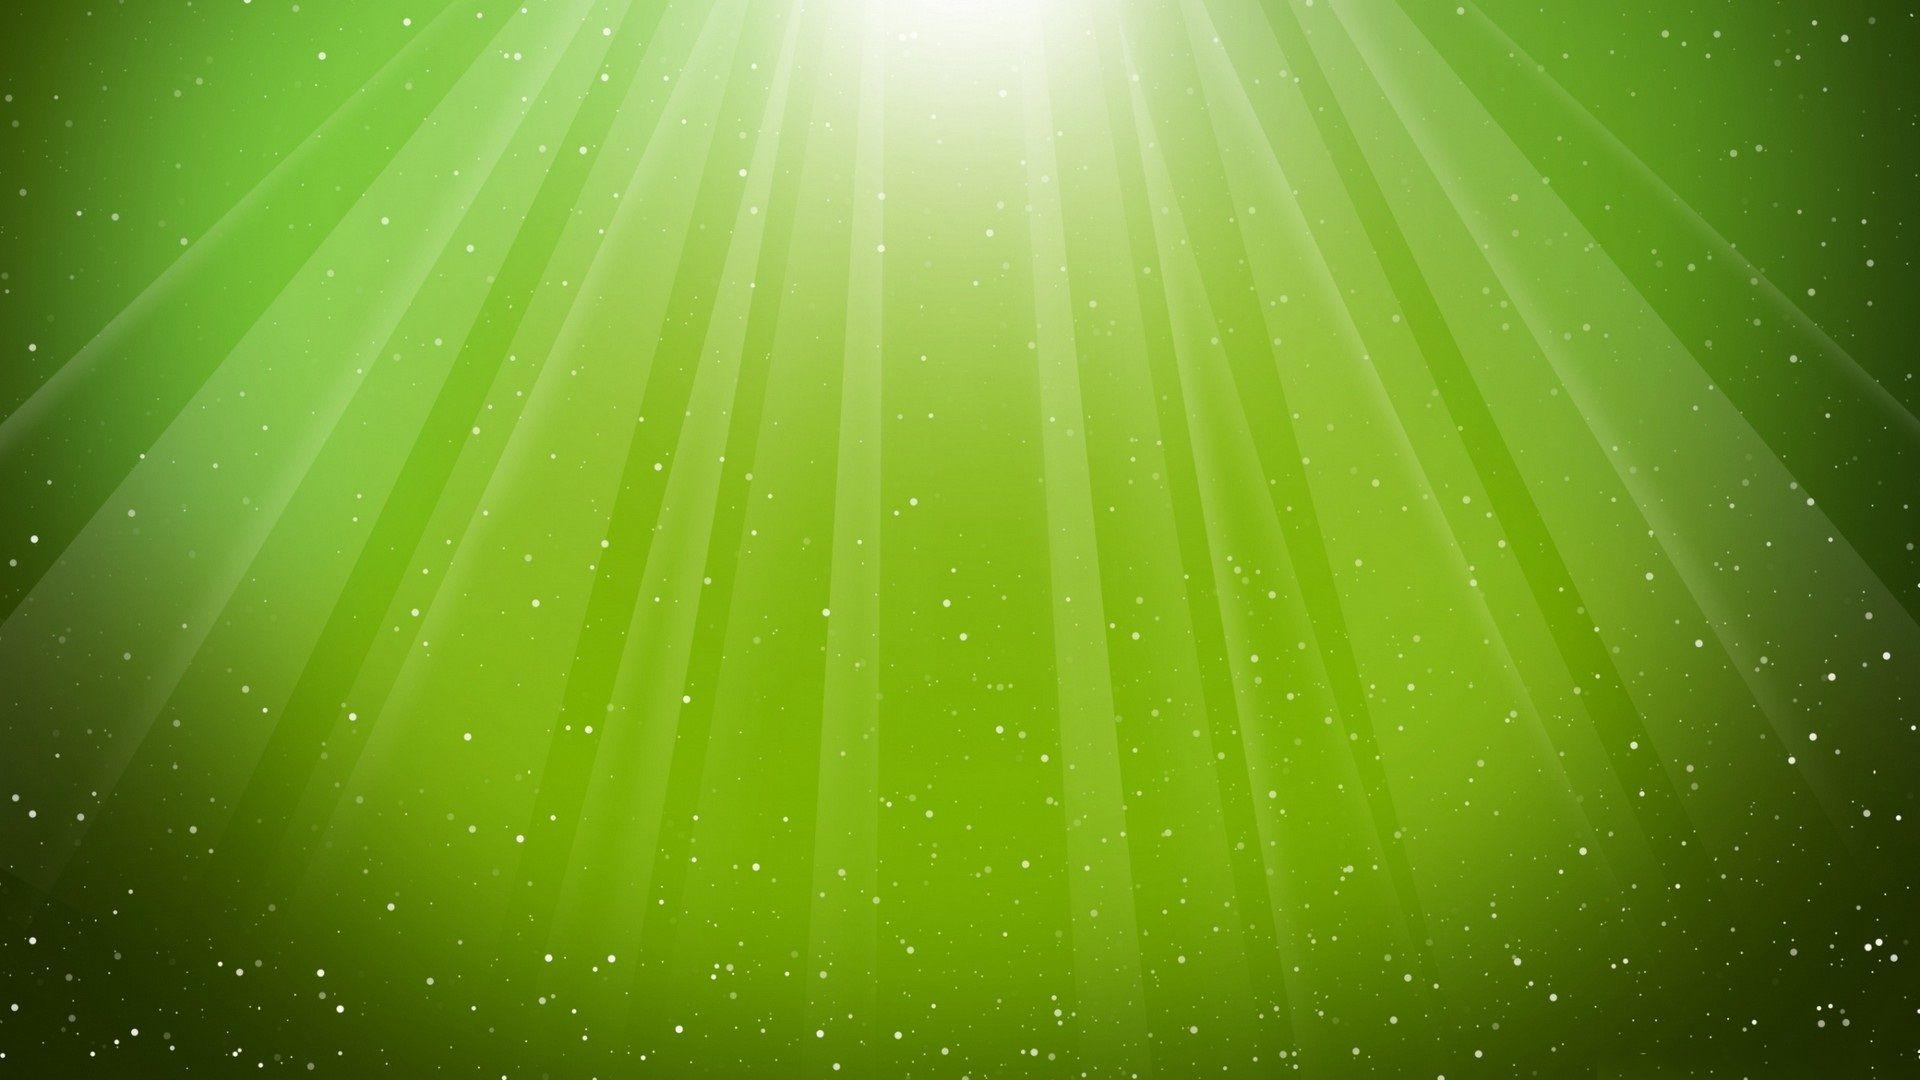 Desktop Wallpaper Light Green Green wallpaper, Lime